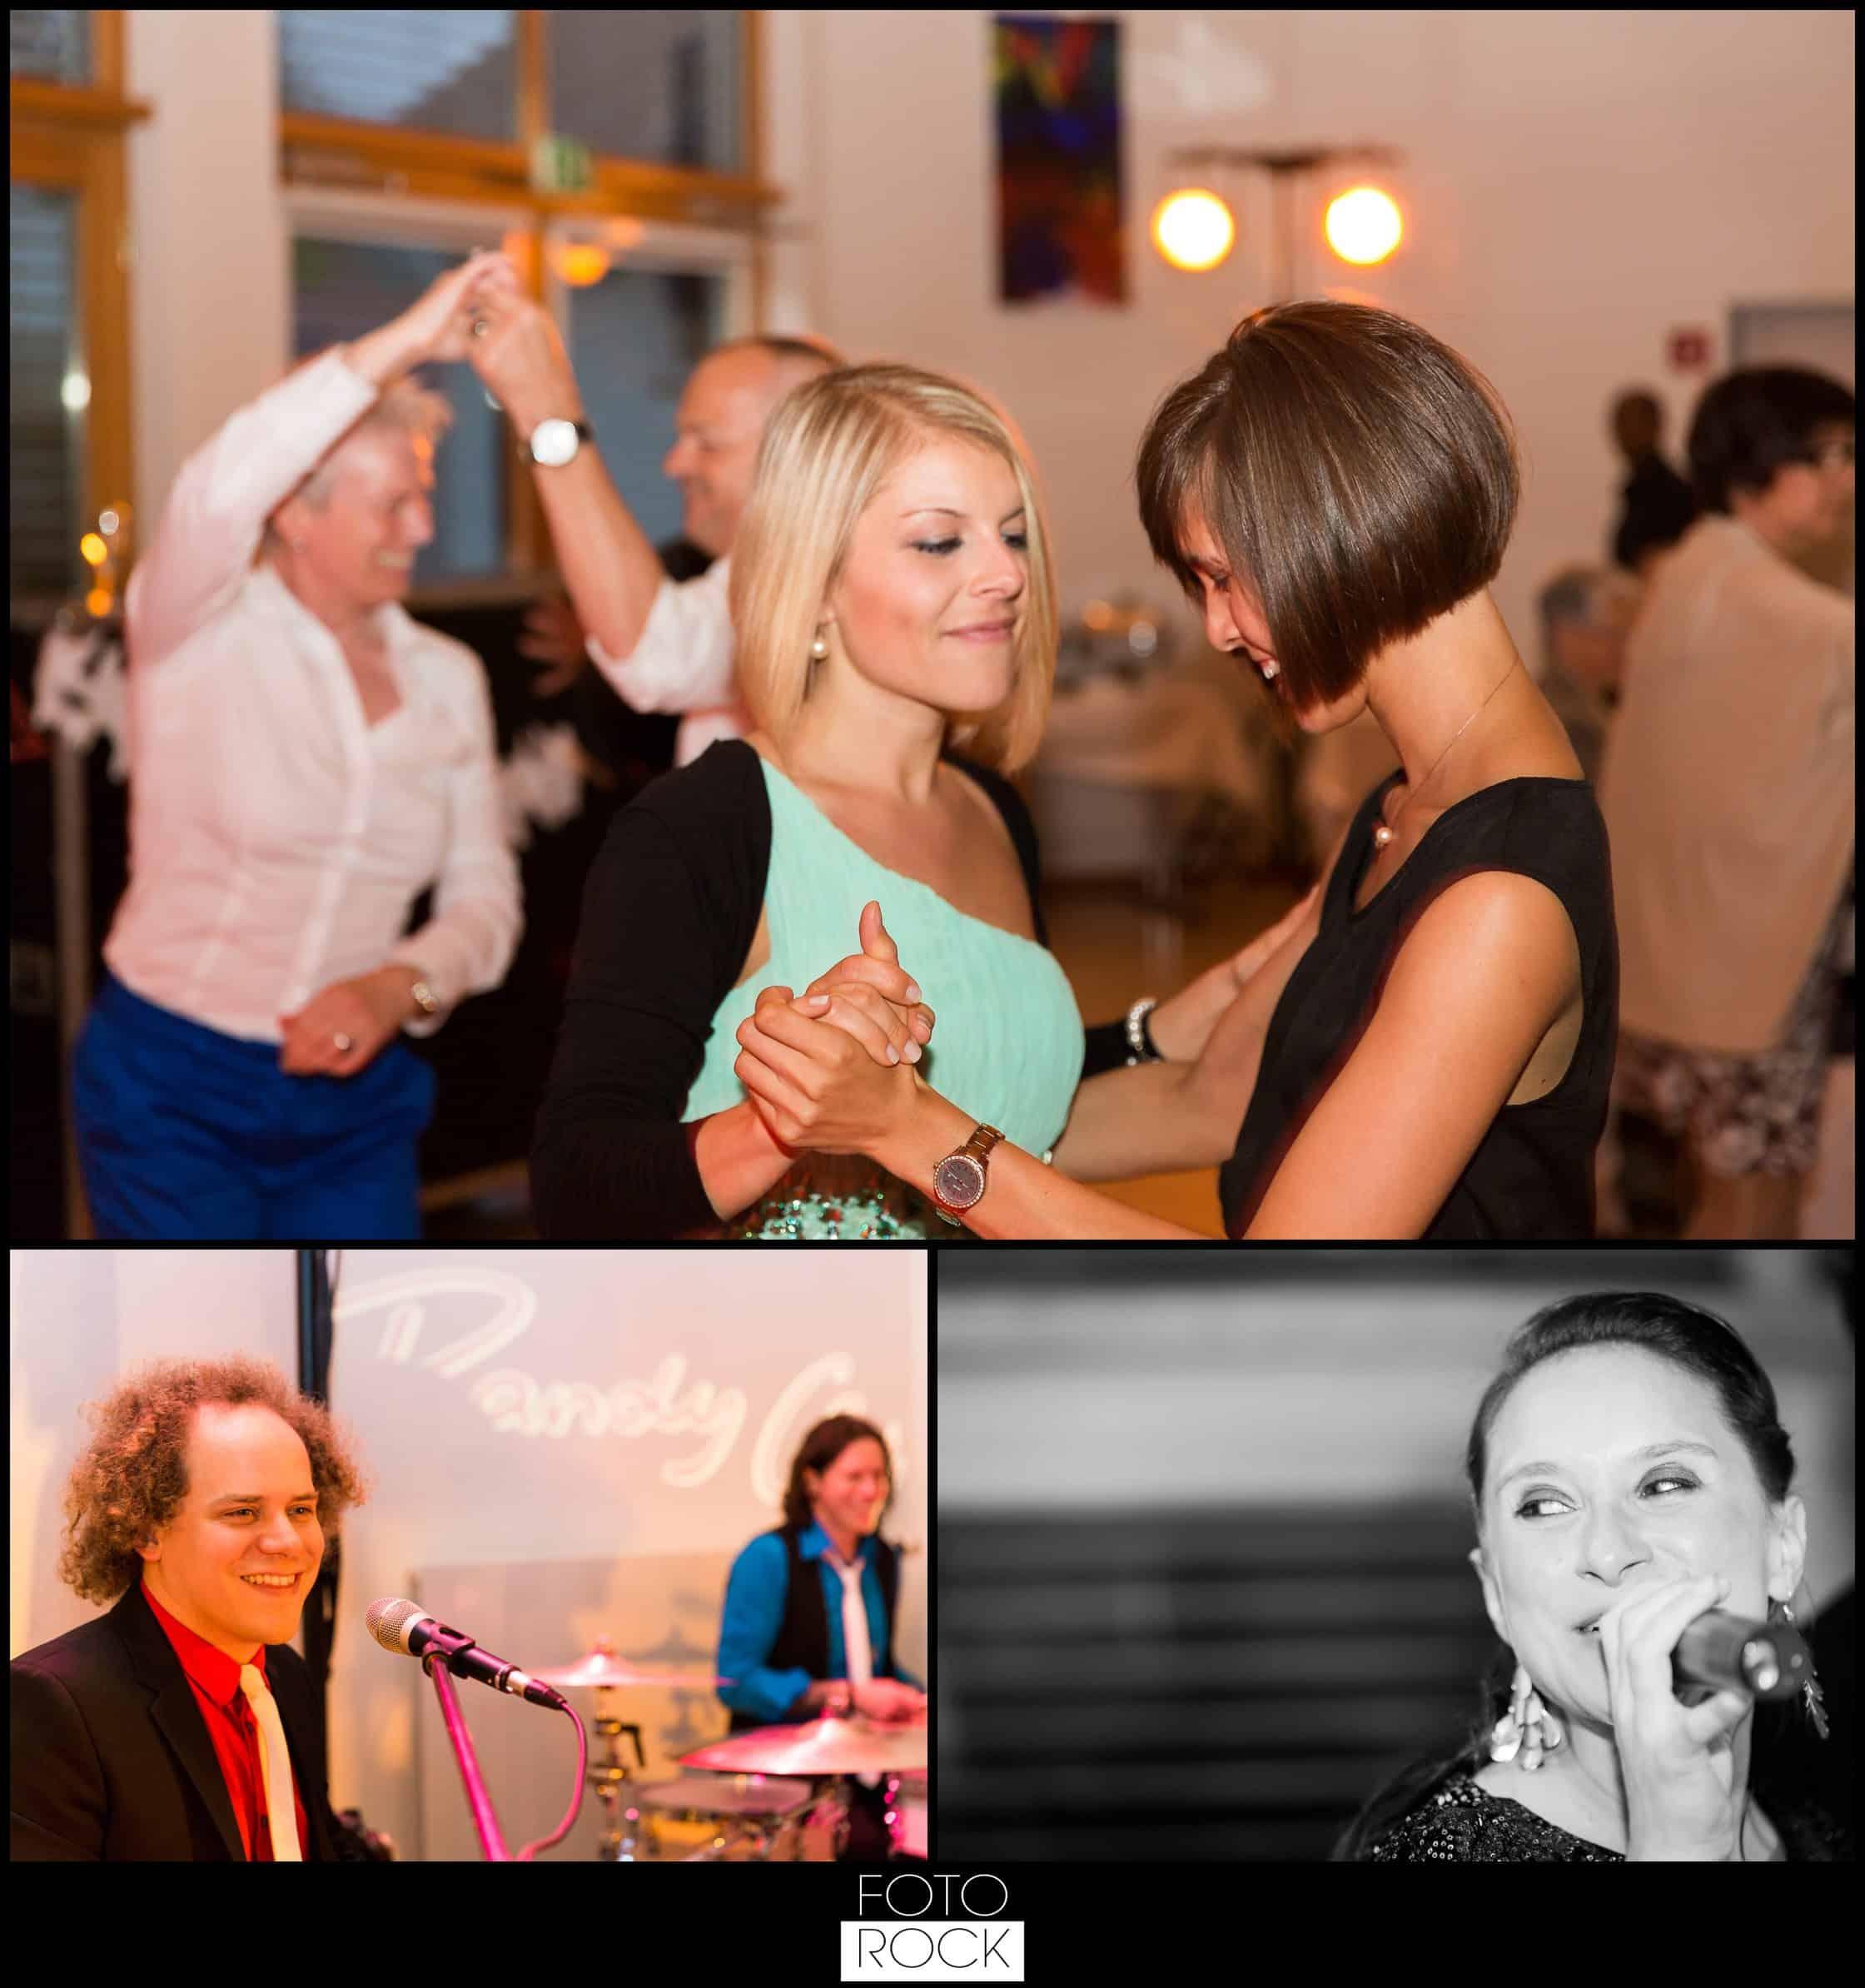 Hochzeit Vitra Design Museum Weil am Rhein Tanzen Party